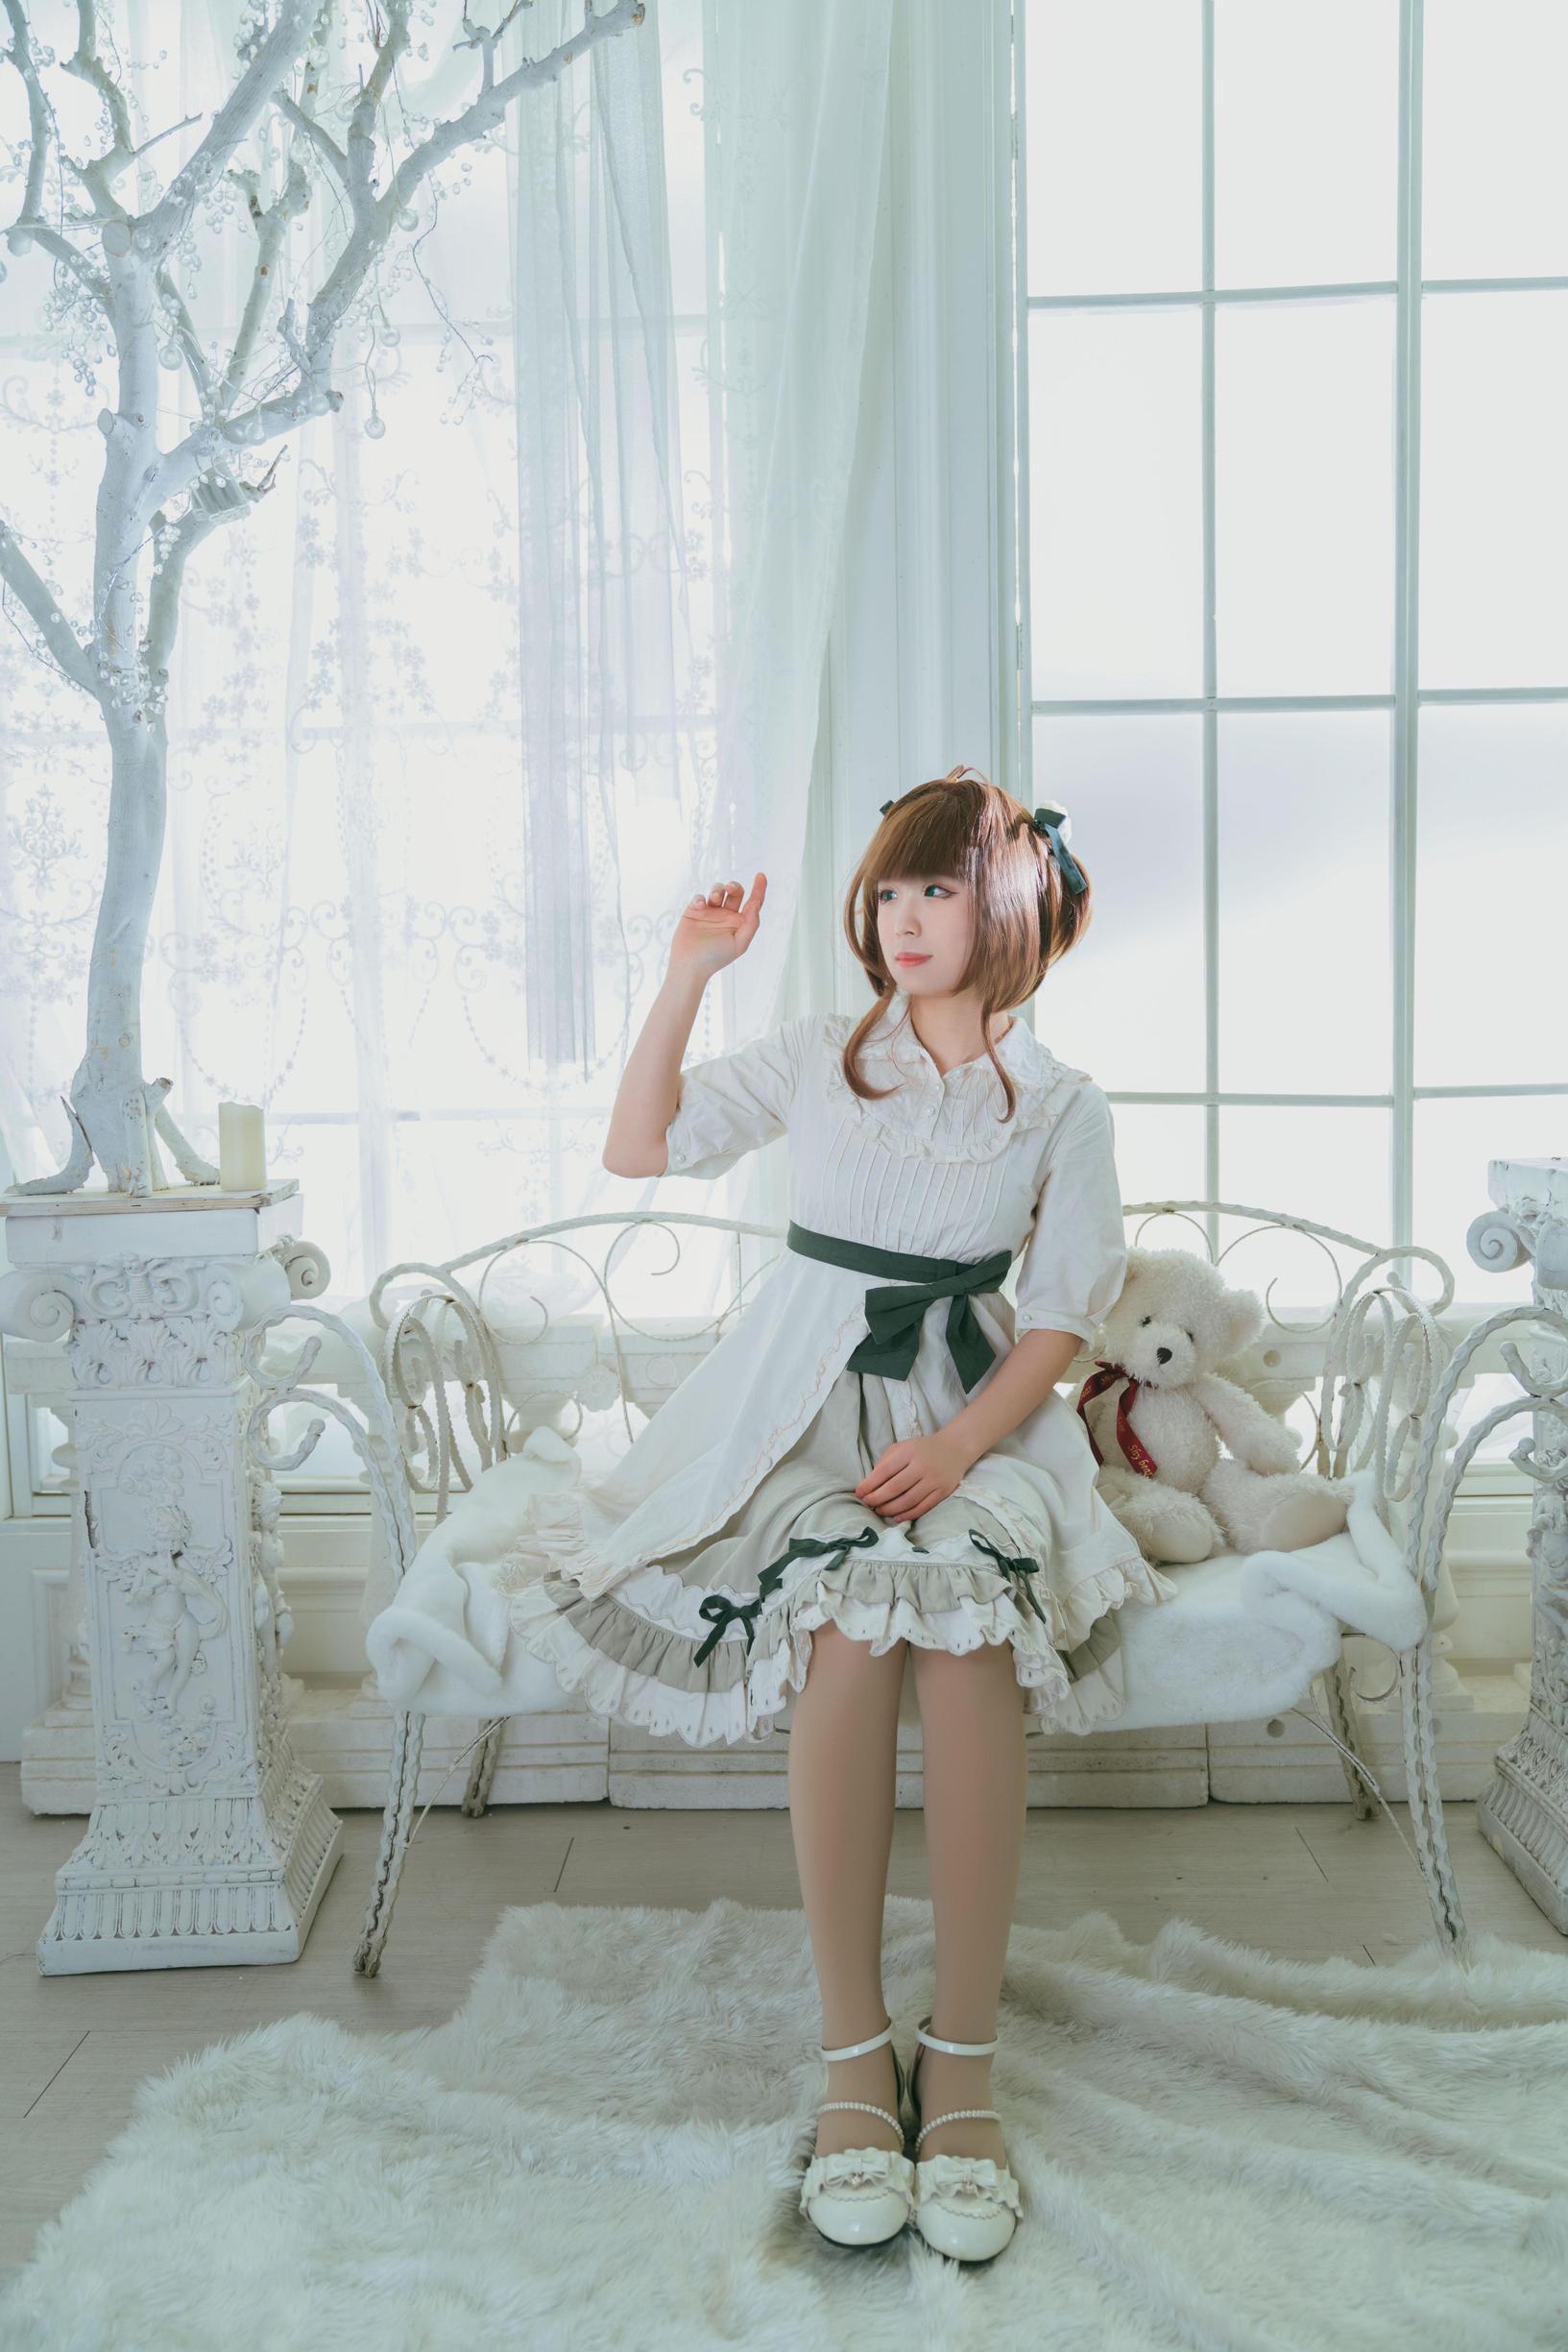 《魔卡少女樱》百变小樱cosplay【CN:托马斯穆小勒】 -汪东城cosplay图片插图